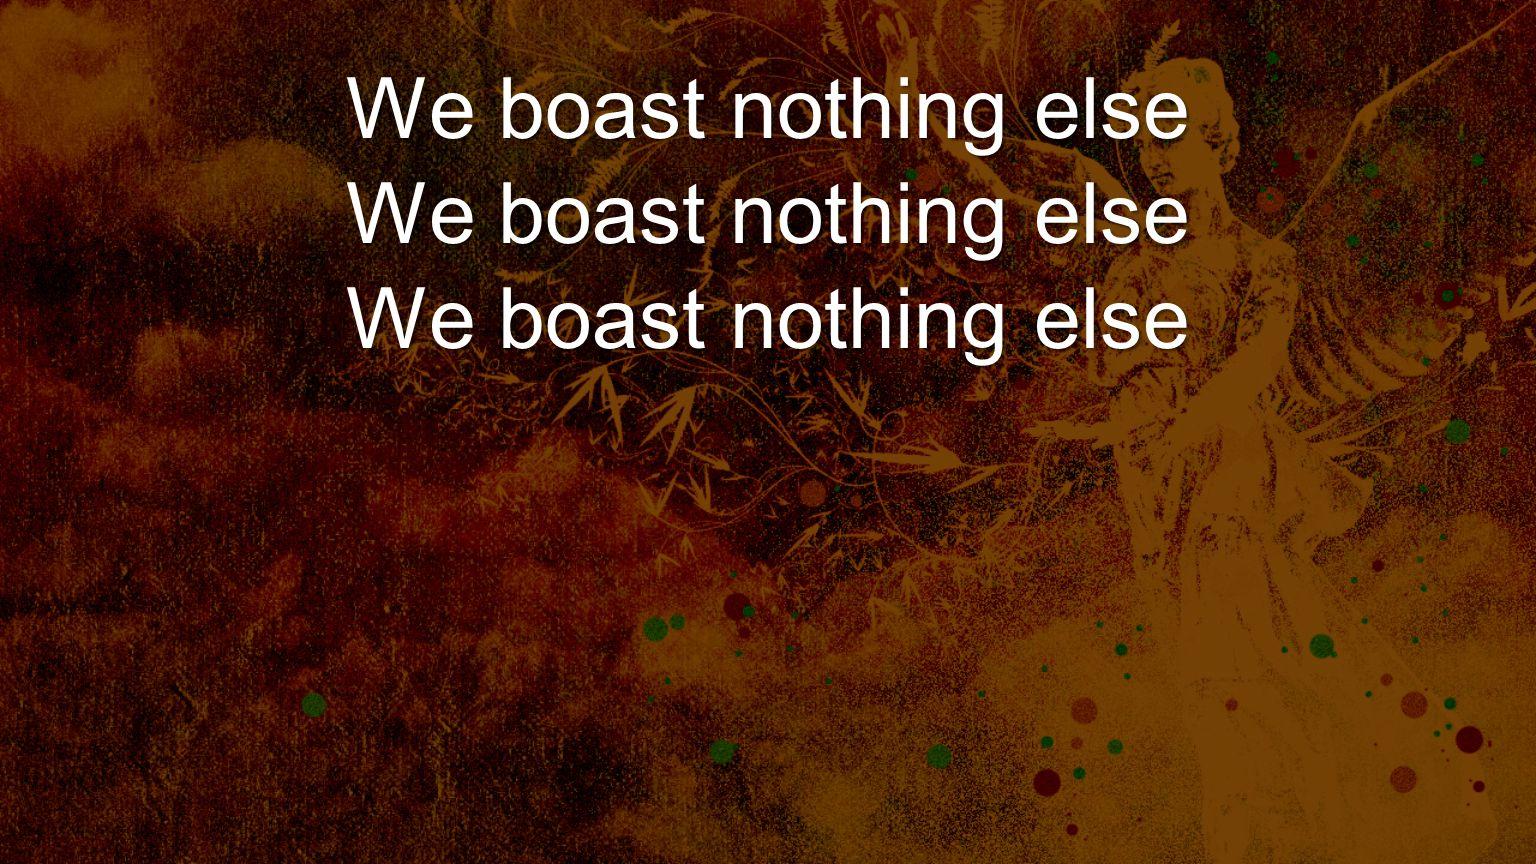 We boast nothing else